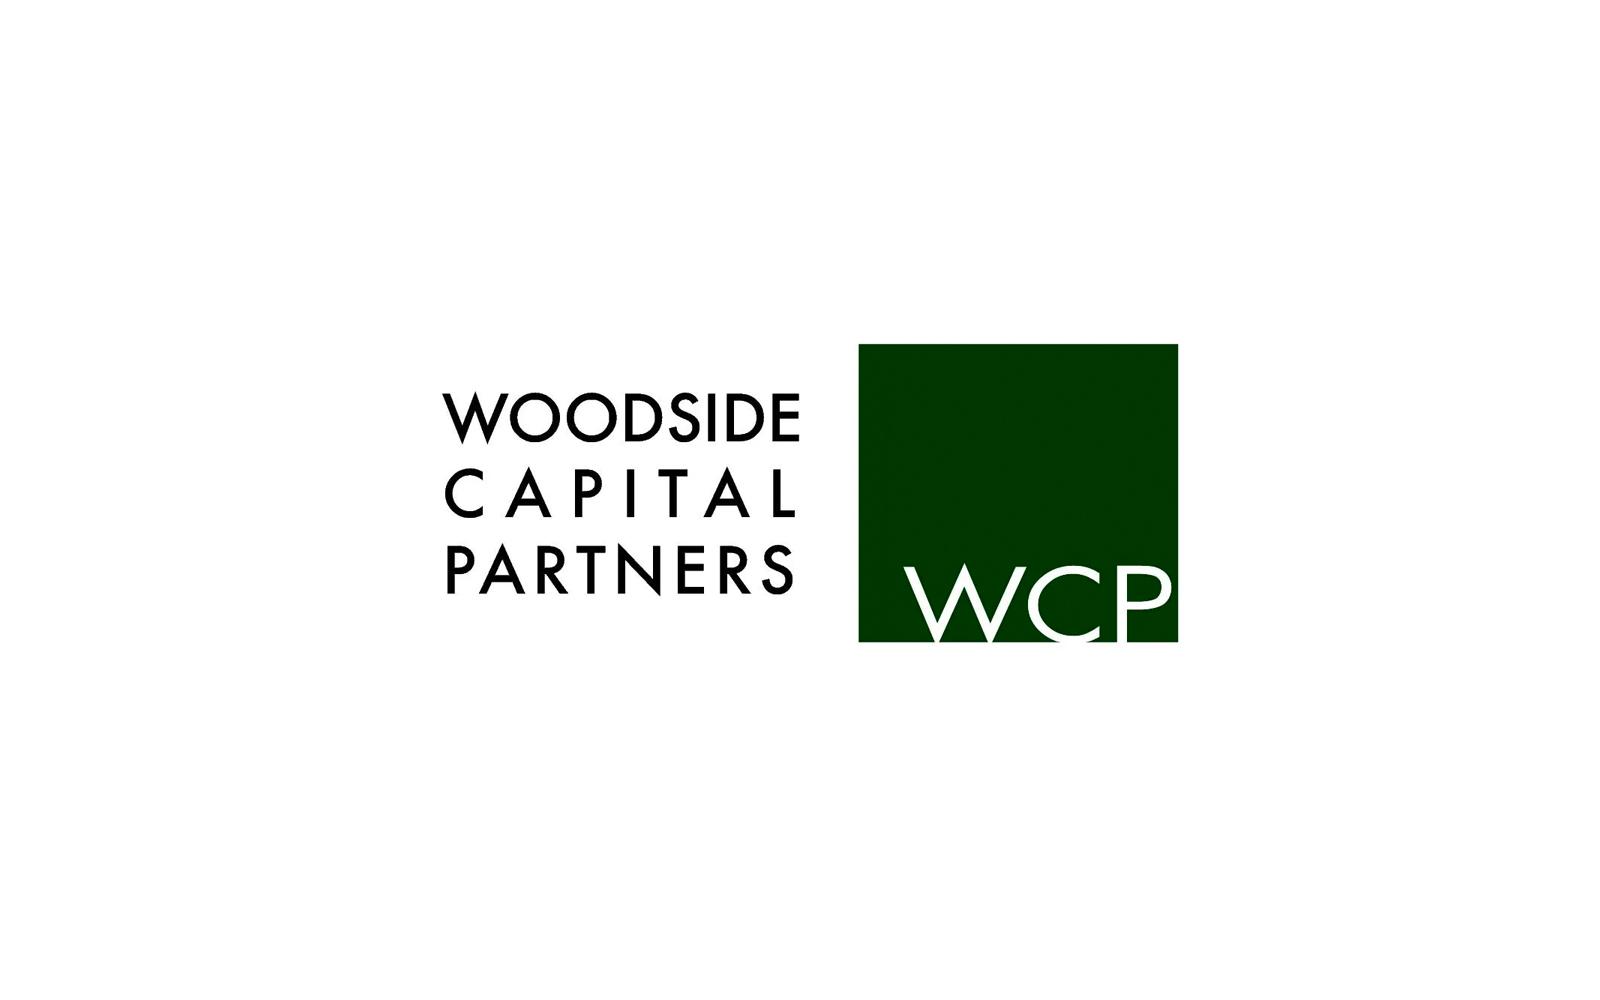 Woodside Capital